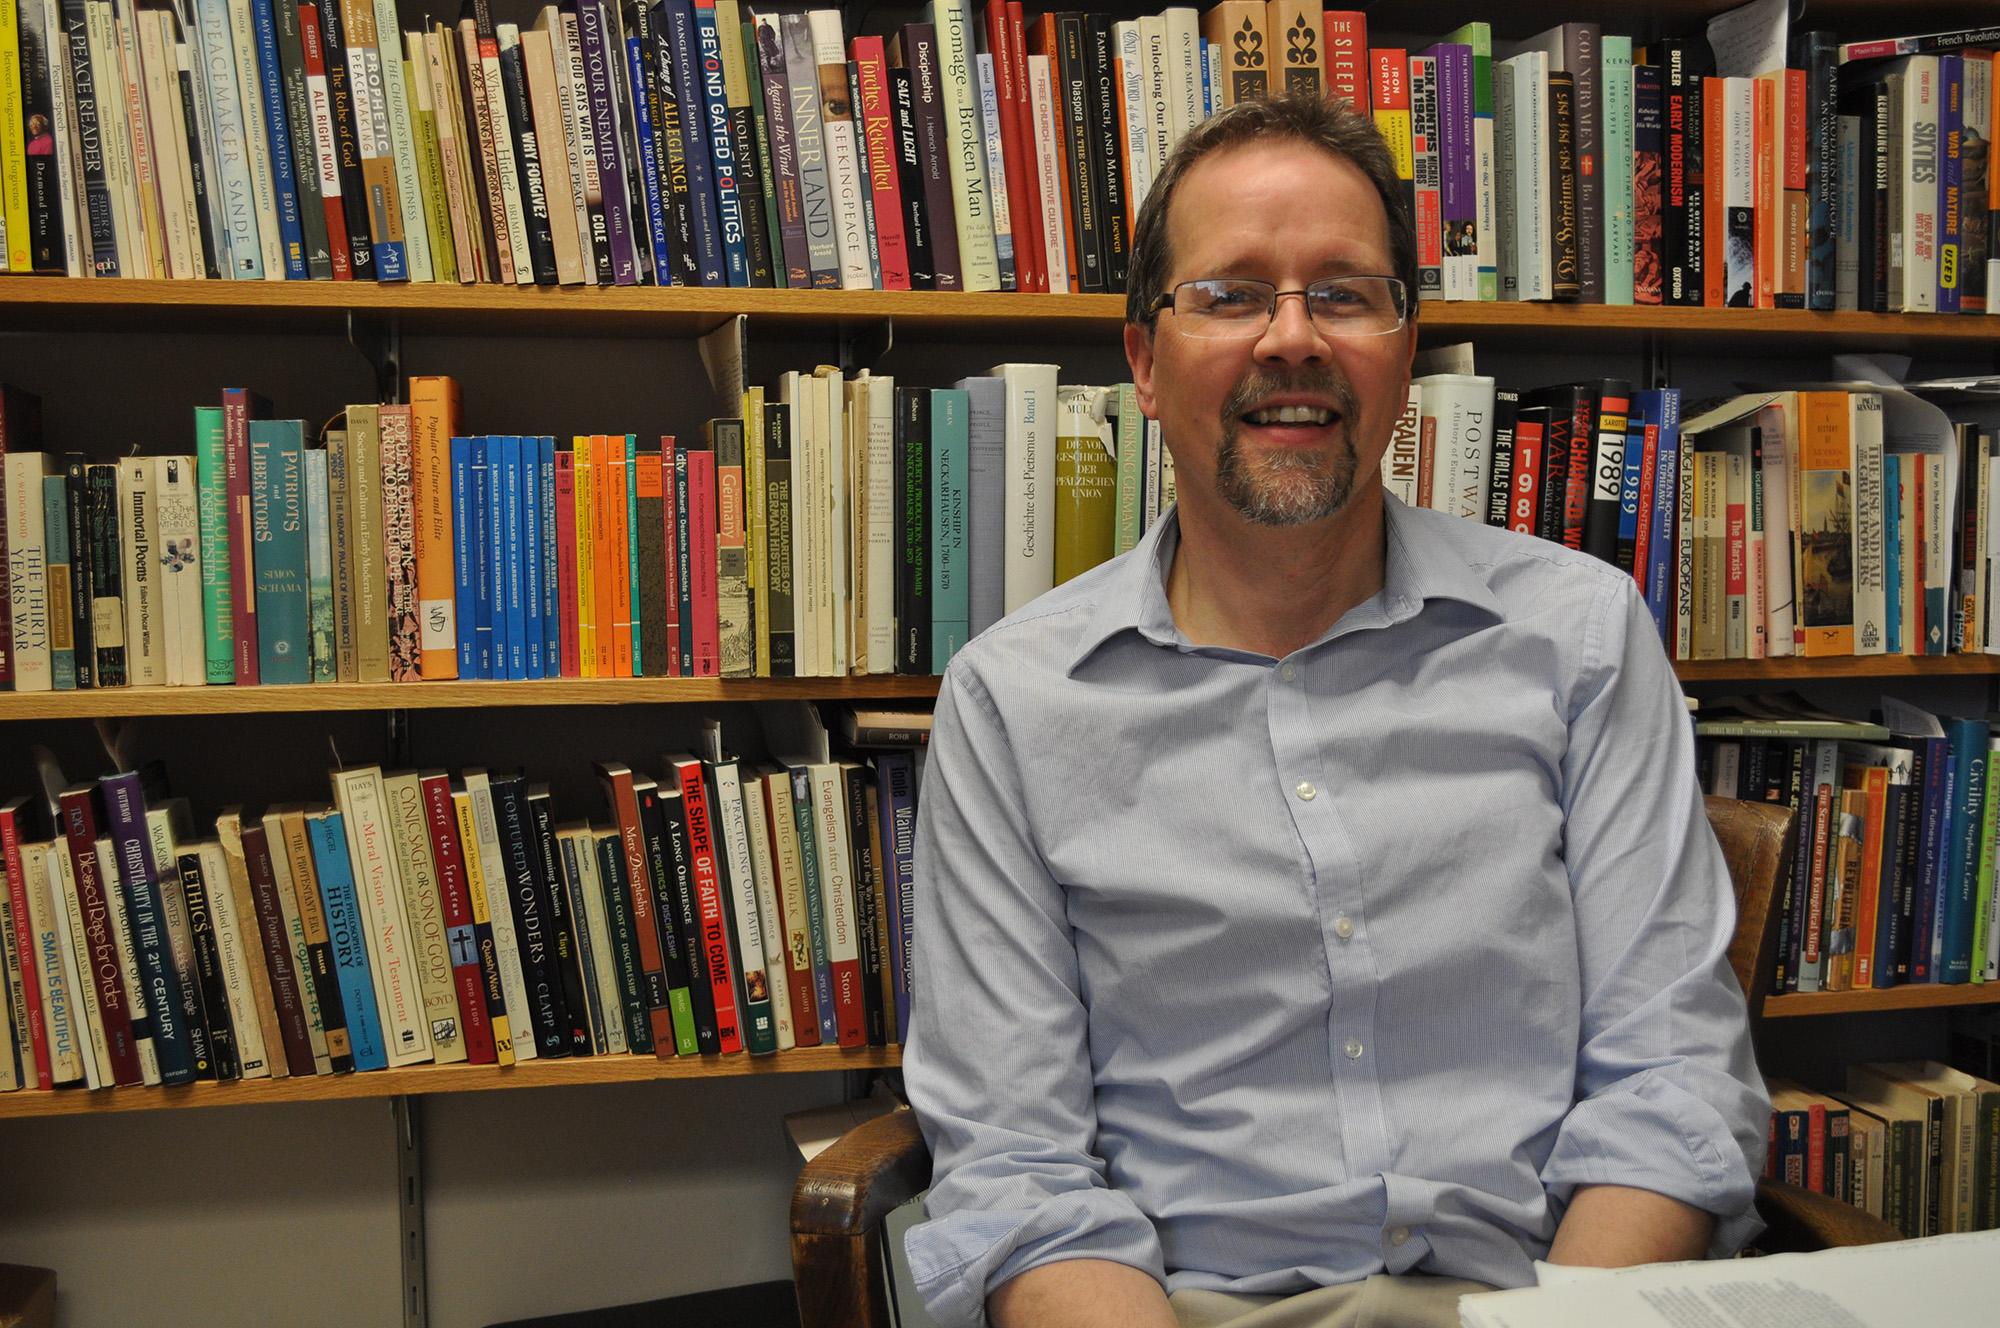 John Roth smiles in front of a bookshelf full of books